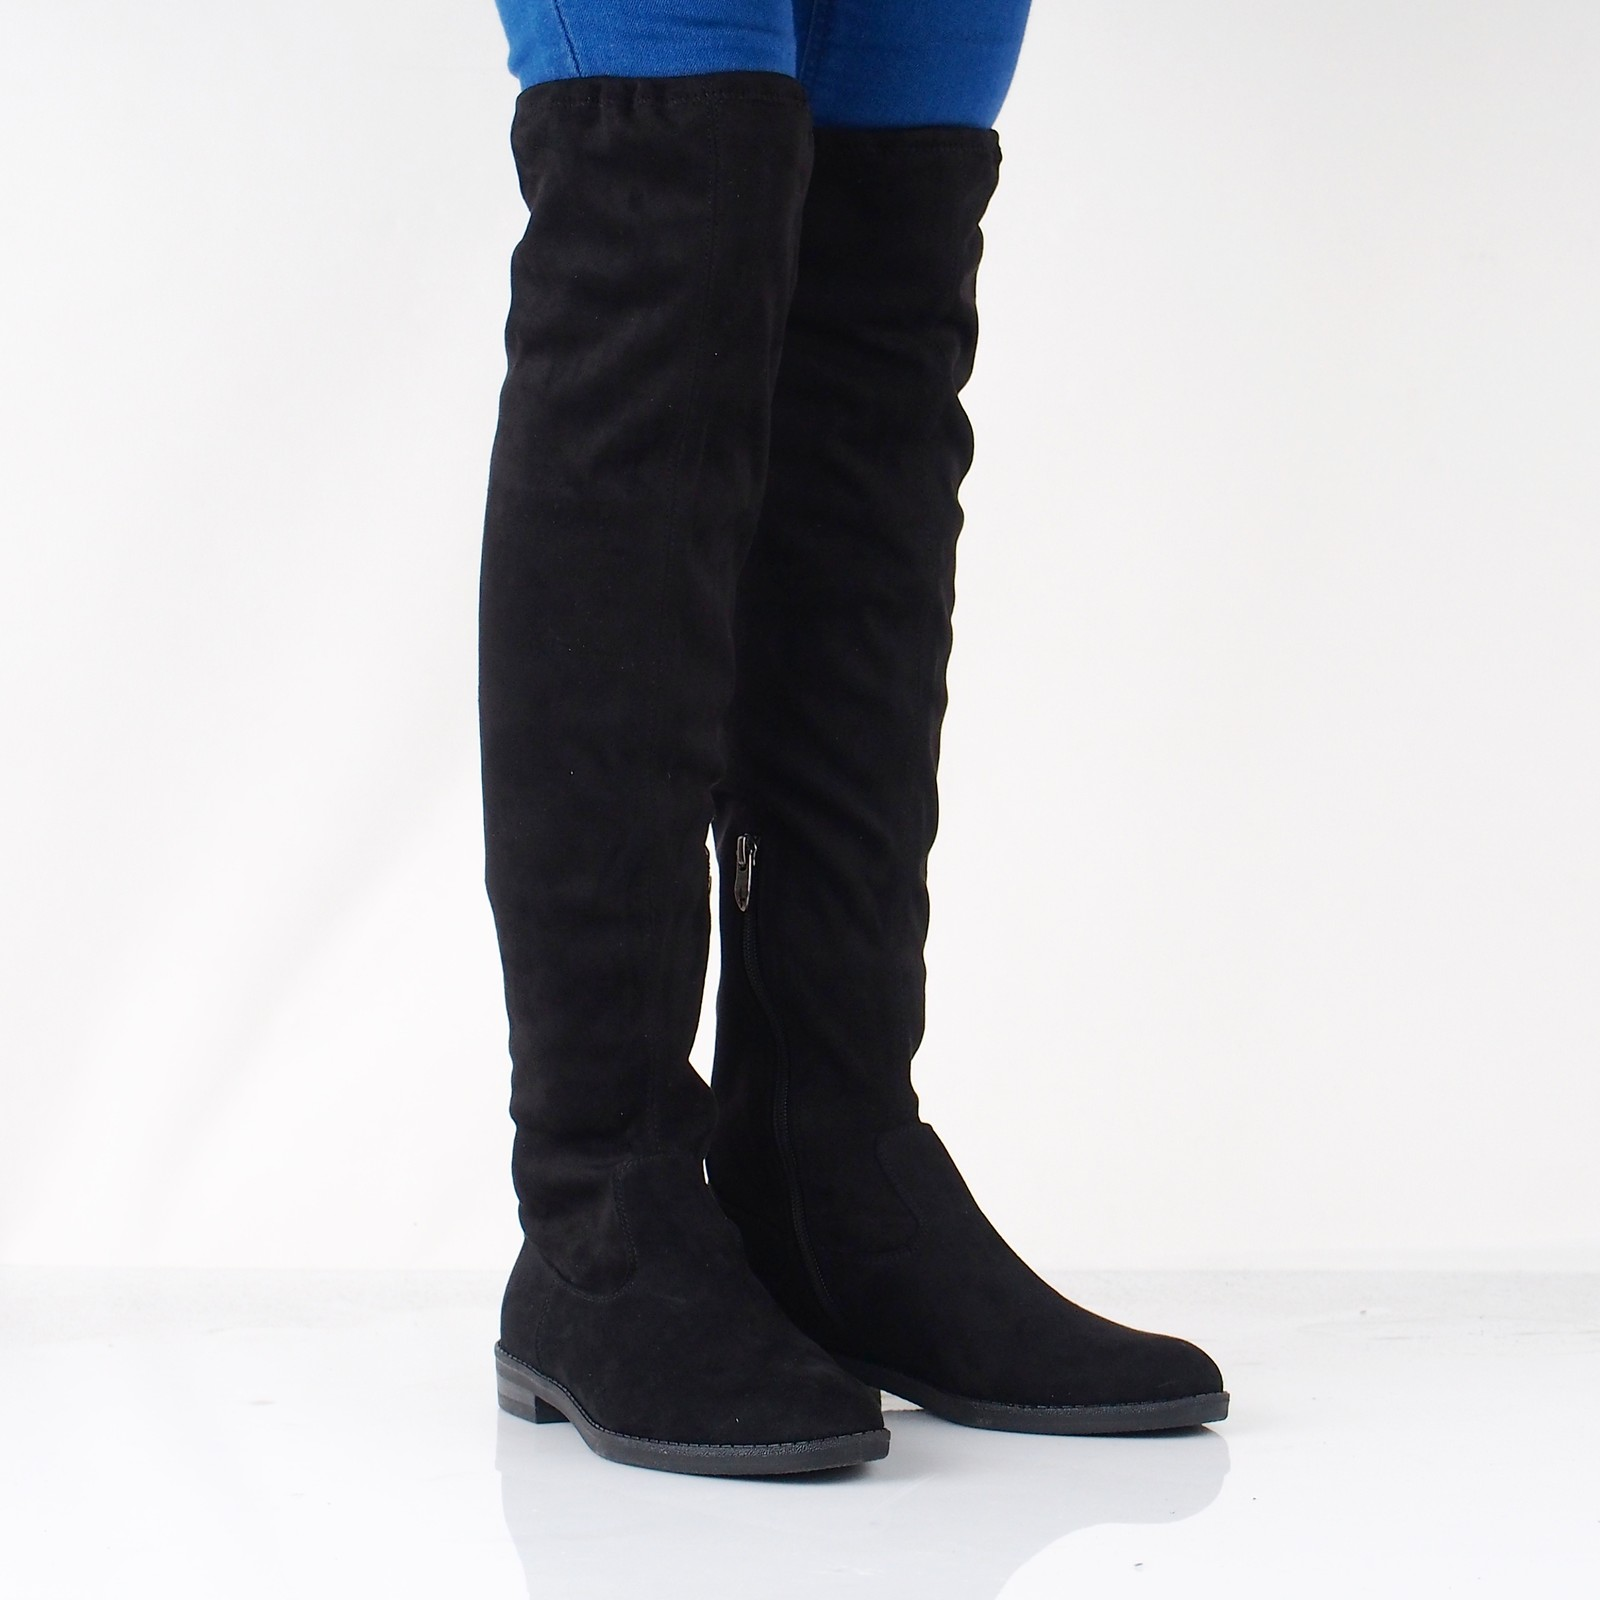 b821481ca4 Tamaris dámske textilné vysoké čižmy - čierne ...